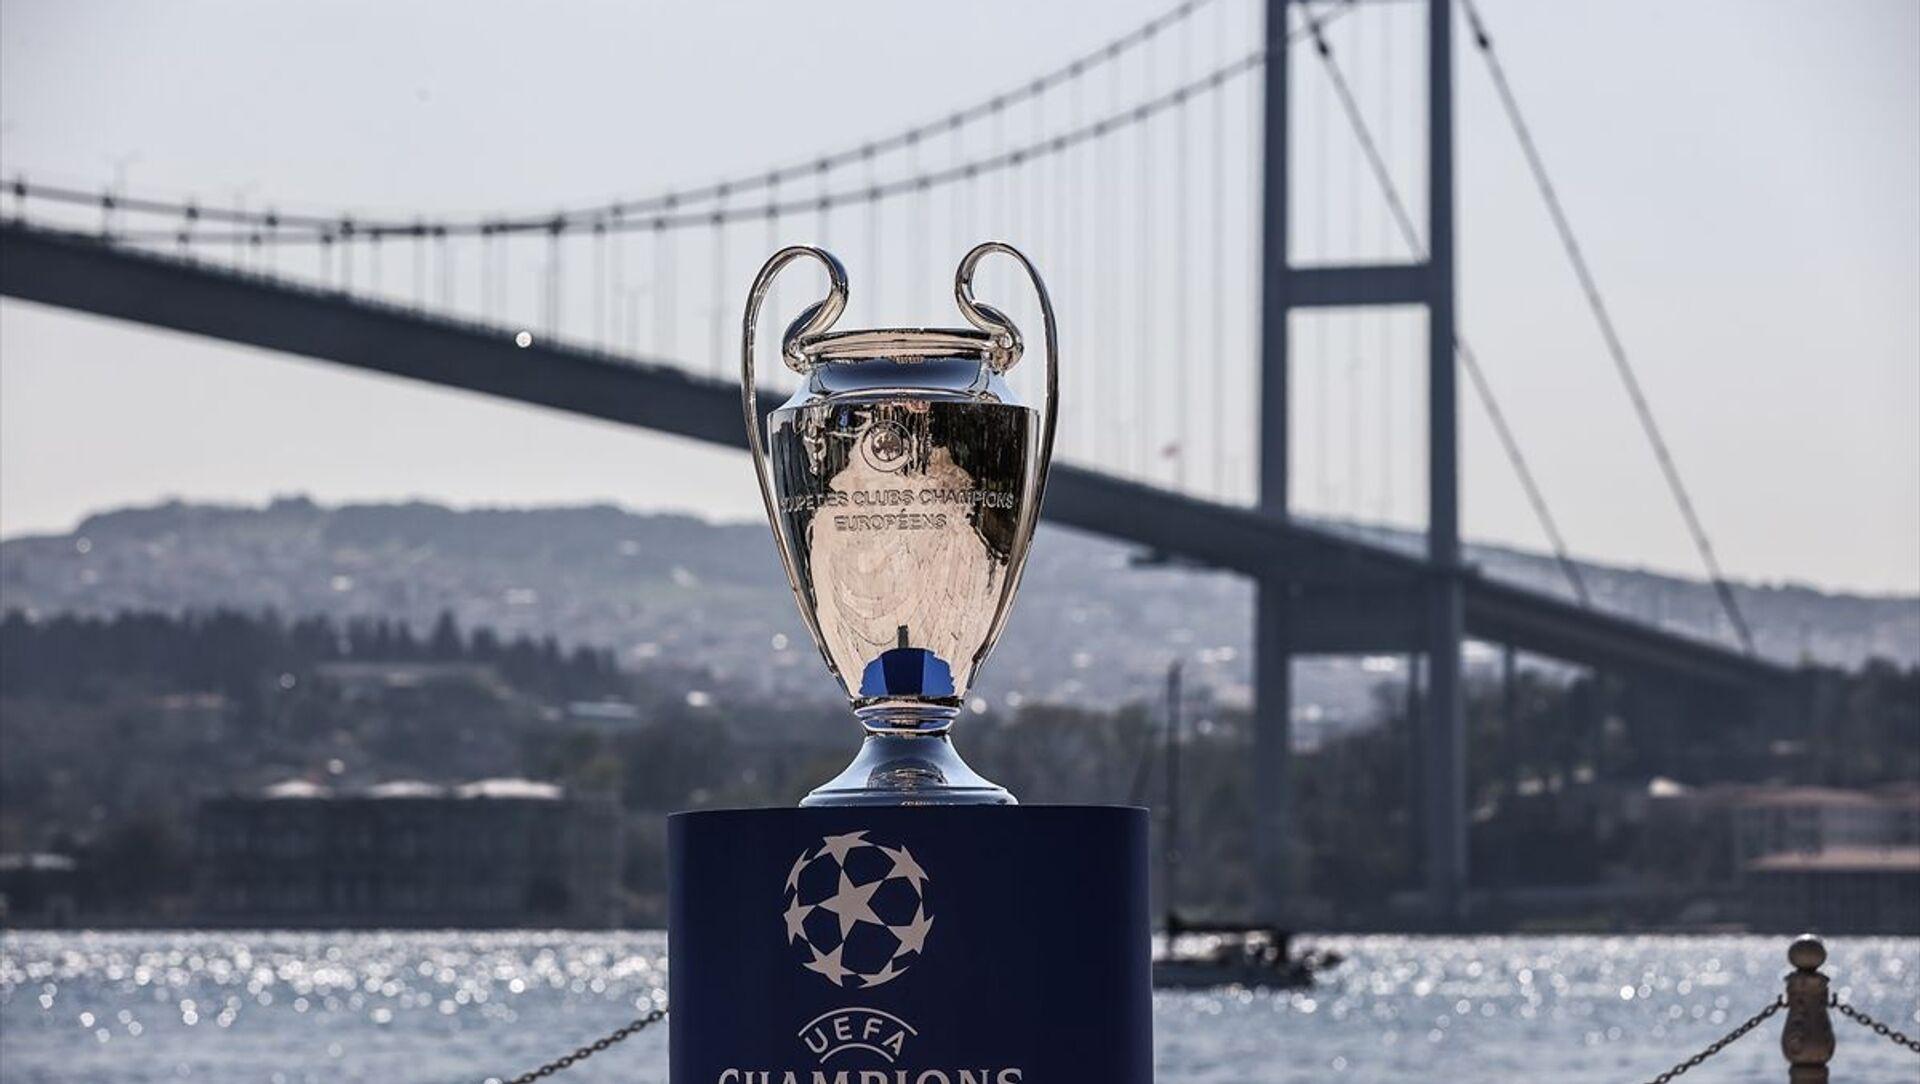 UEFA Şampiyonlar Ligi kupası - Sputnik Türkiye, 1920, 13.05.2021